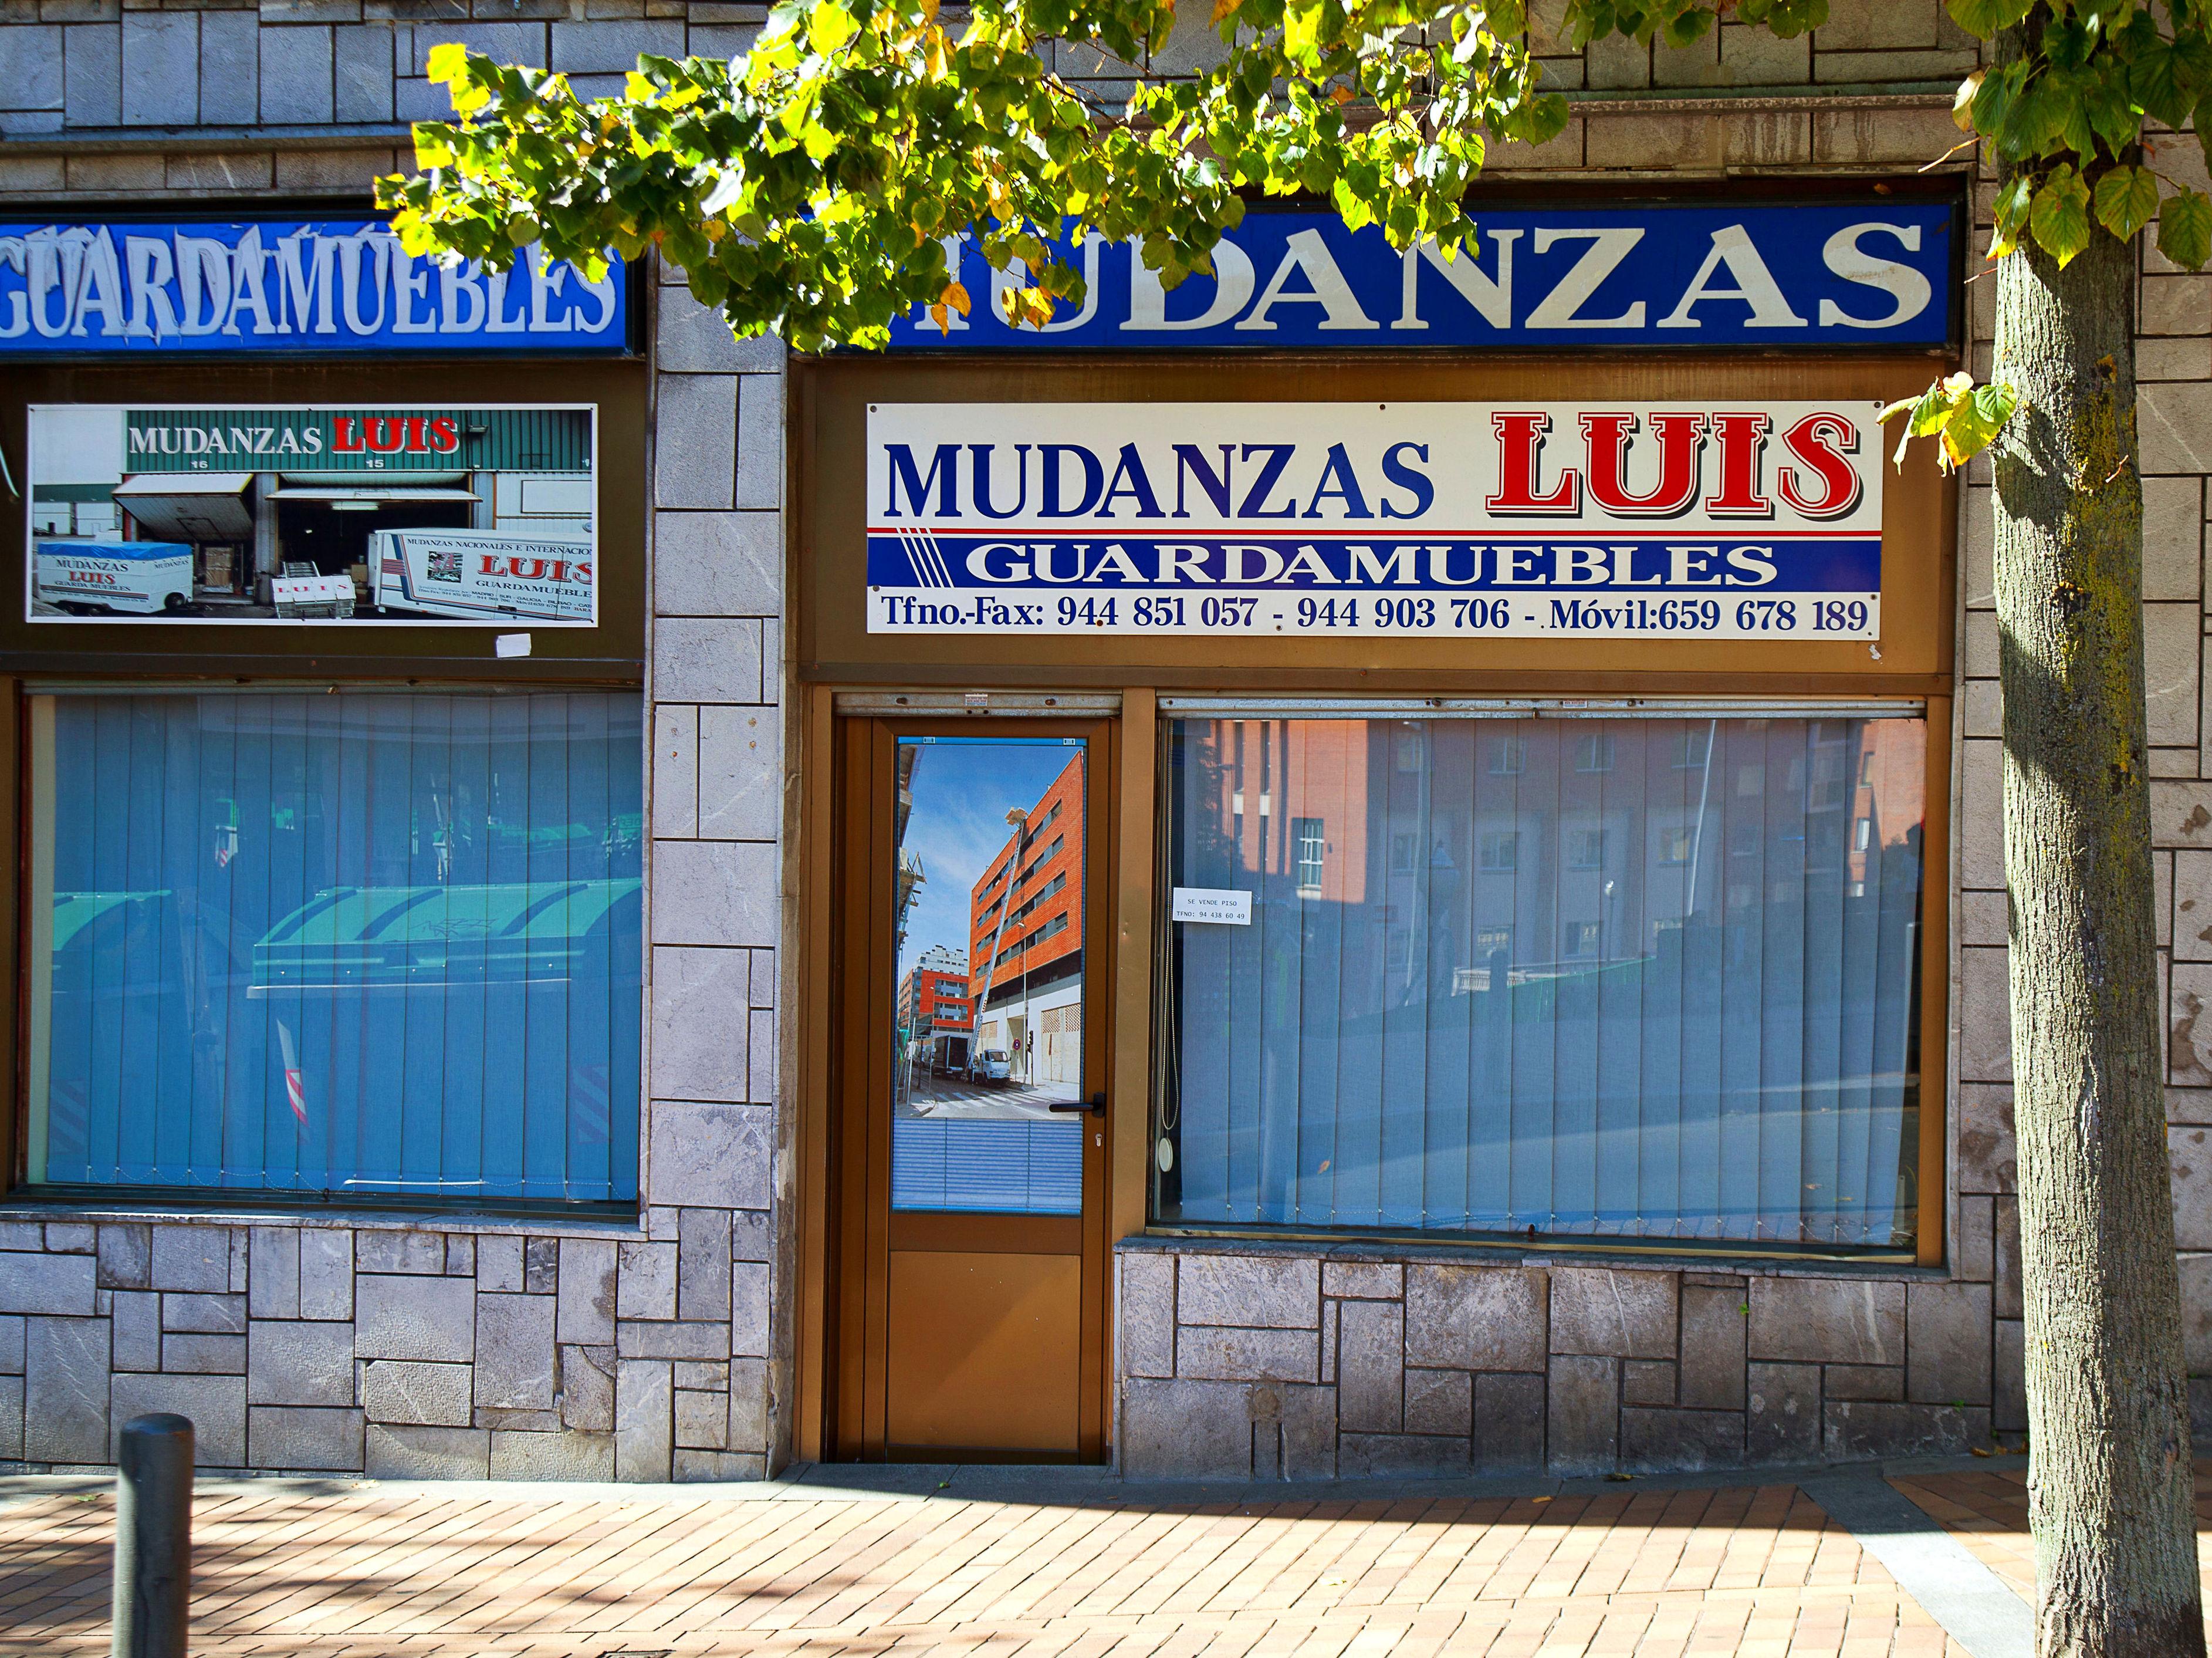 Foto 13 de Mudanzas y guardamuebles en Baracaldo | Mudanzas Luis